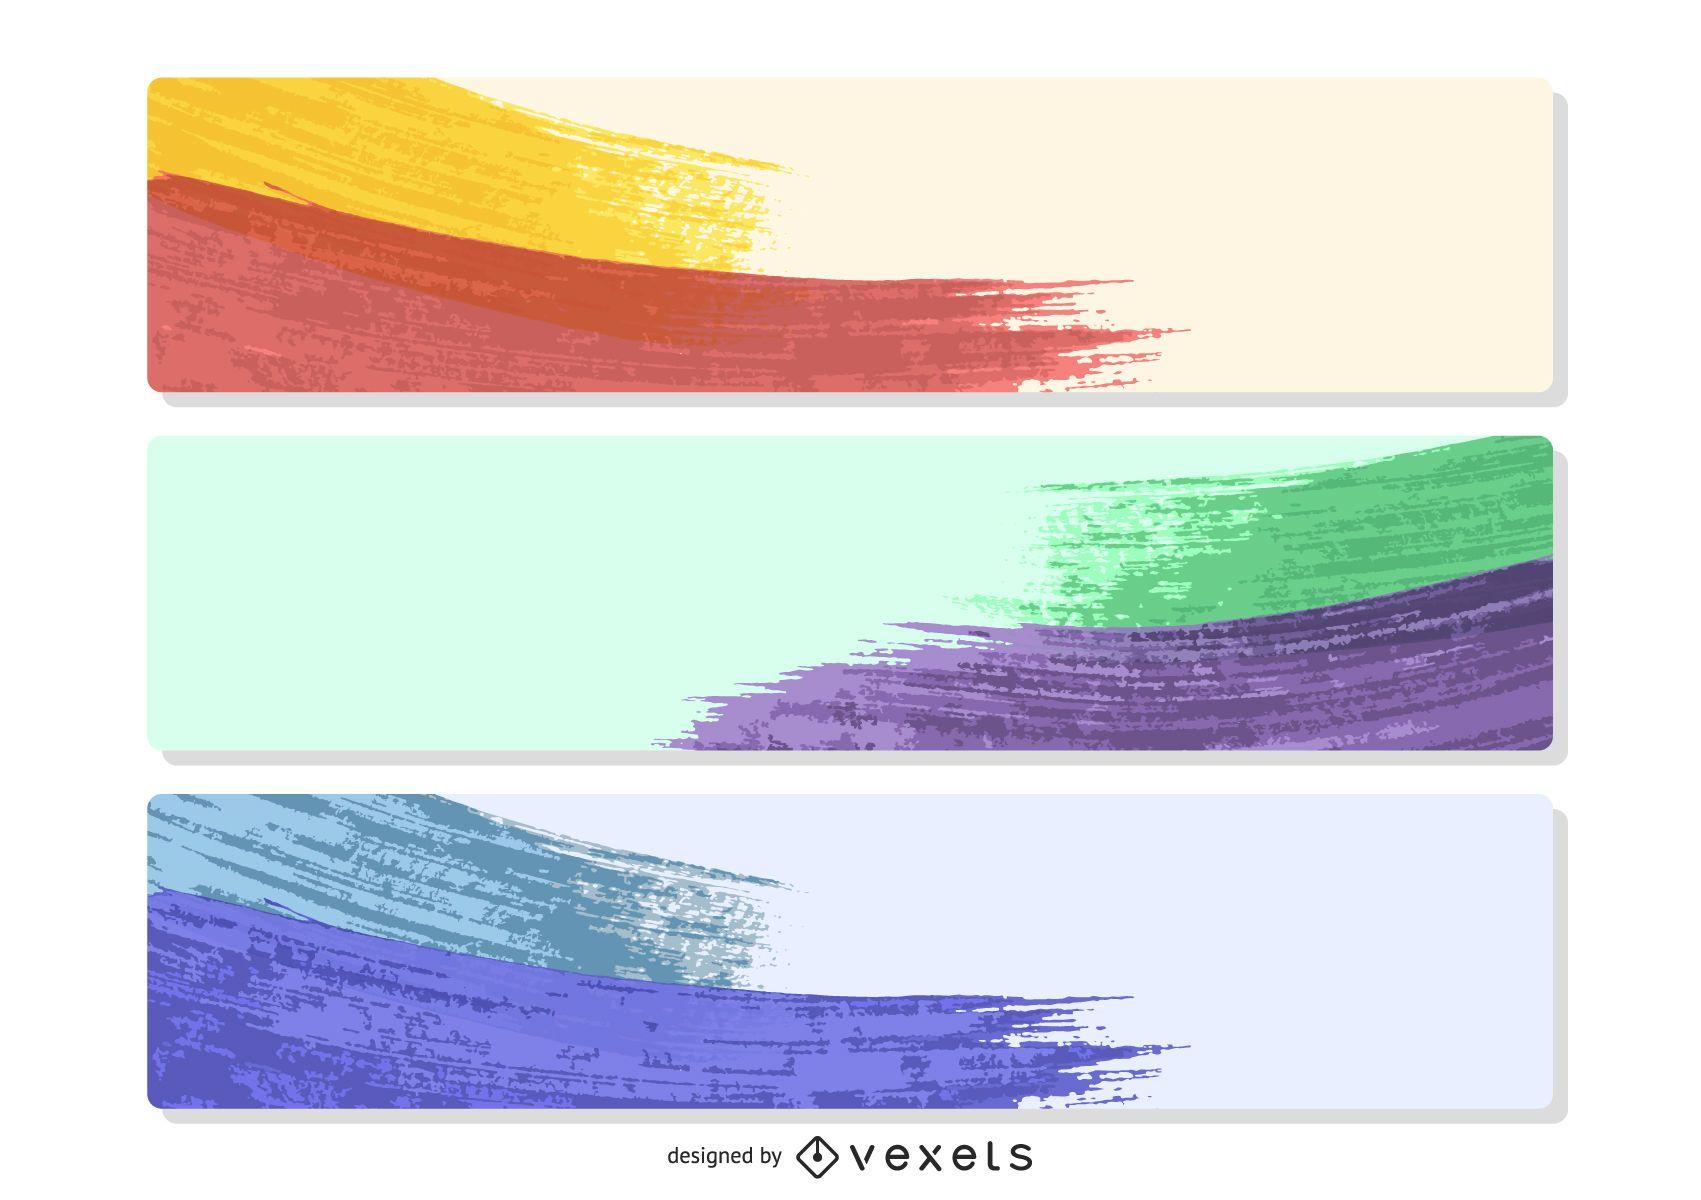 3 pancartas de muestras de pintura colorida